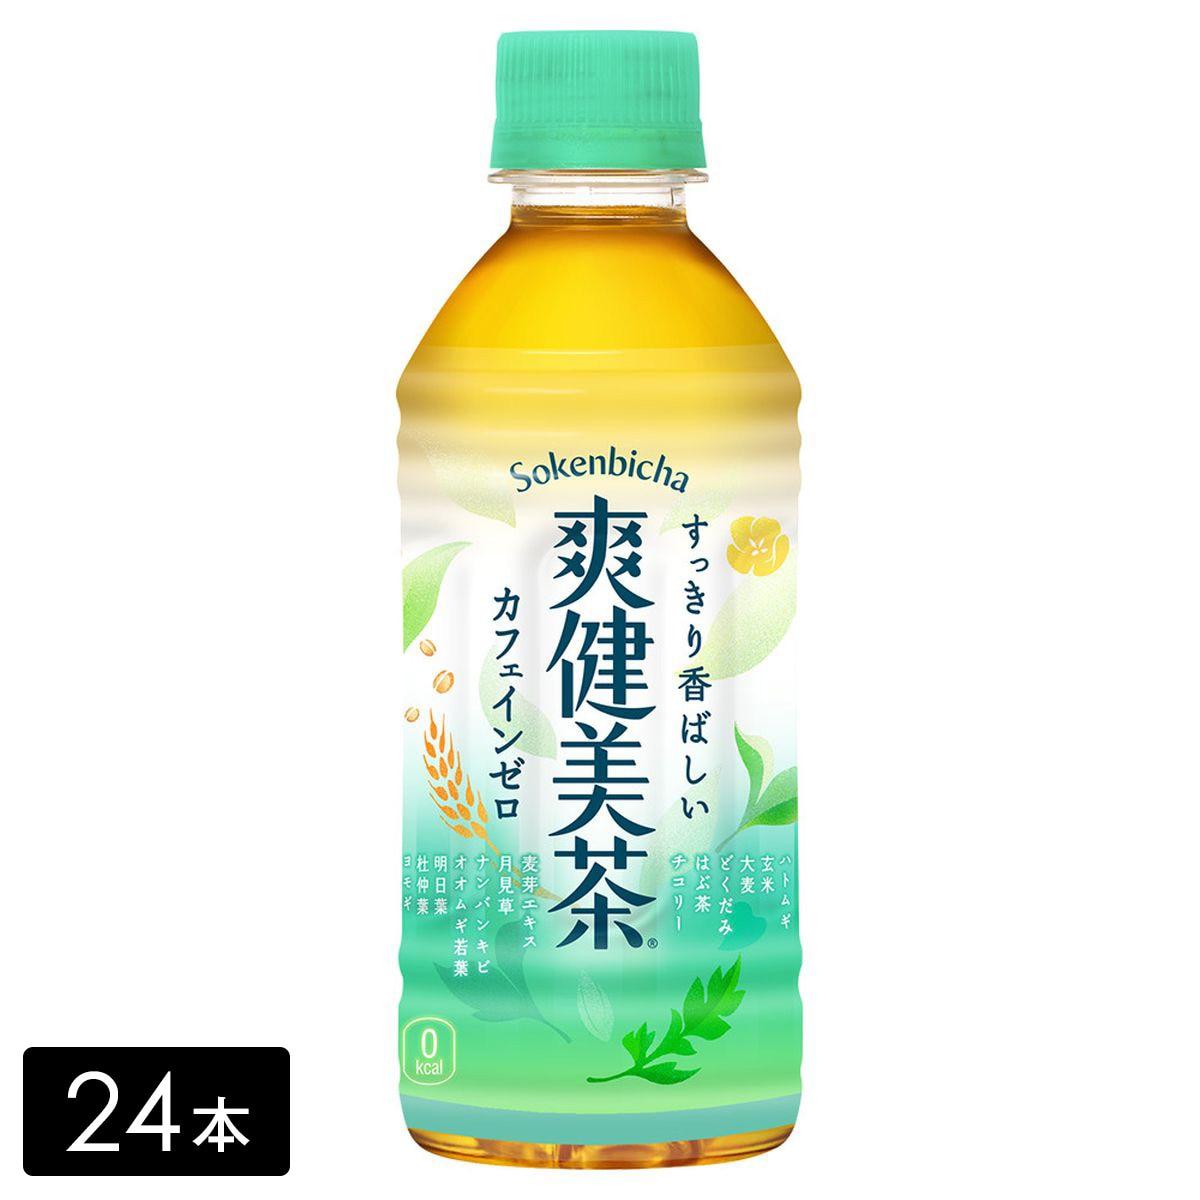 爽健美茶 300mL×24本